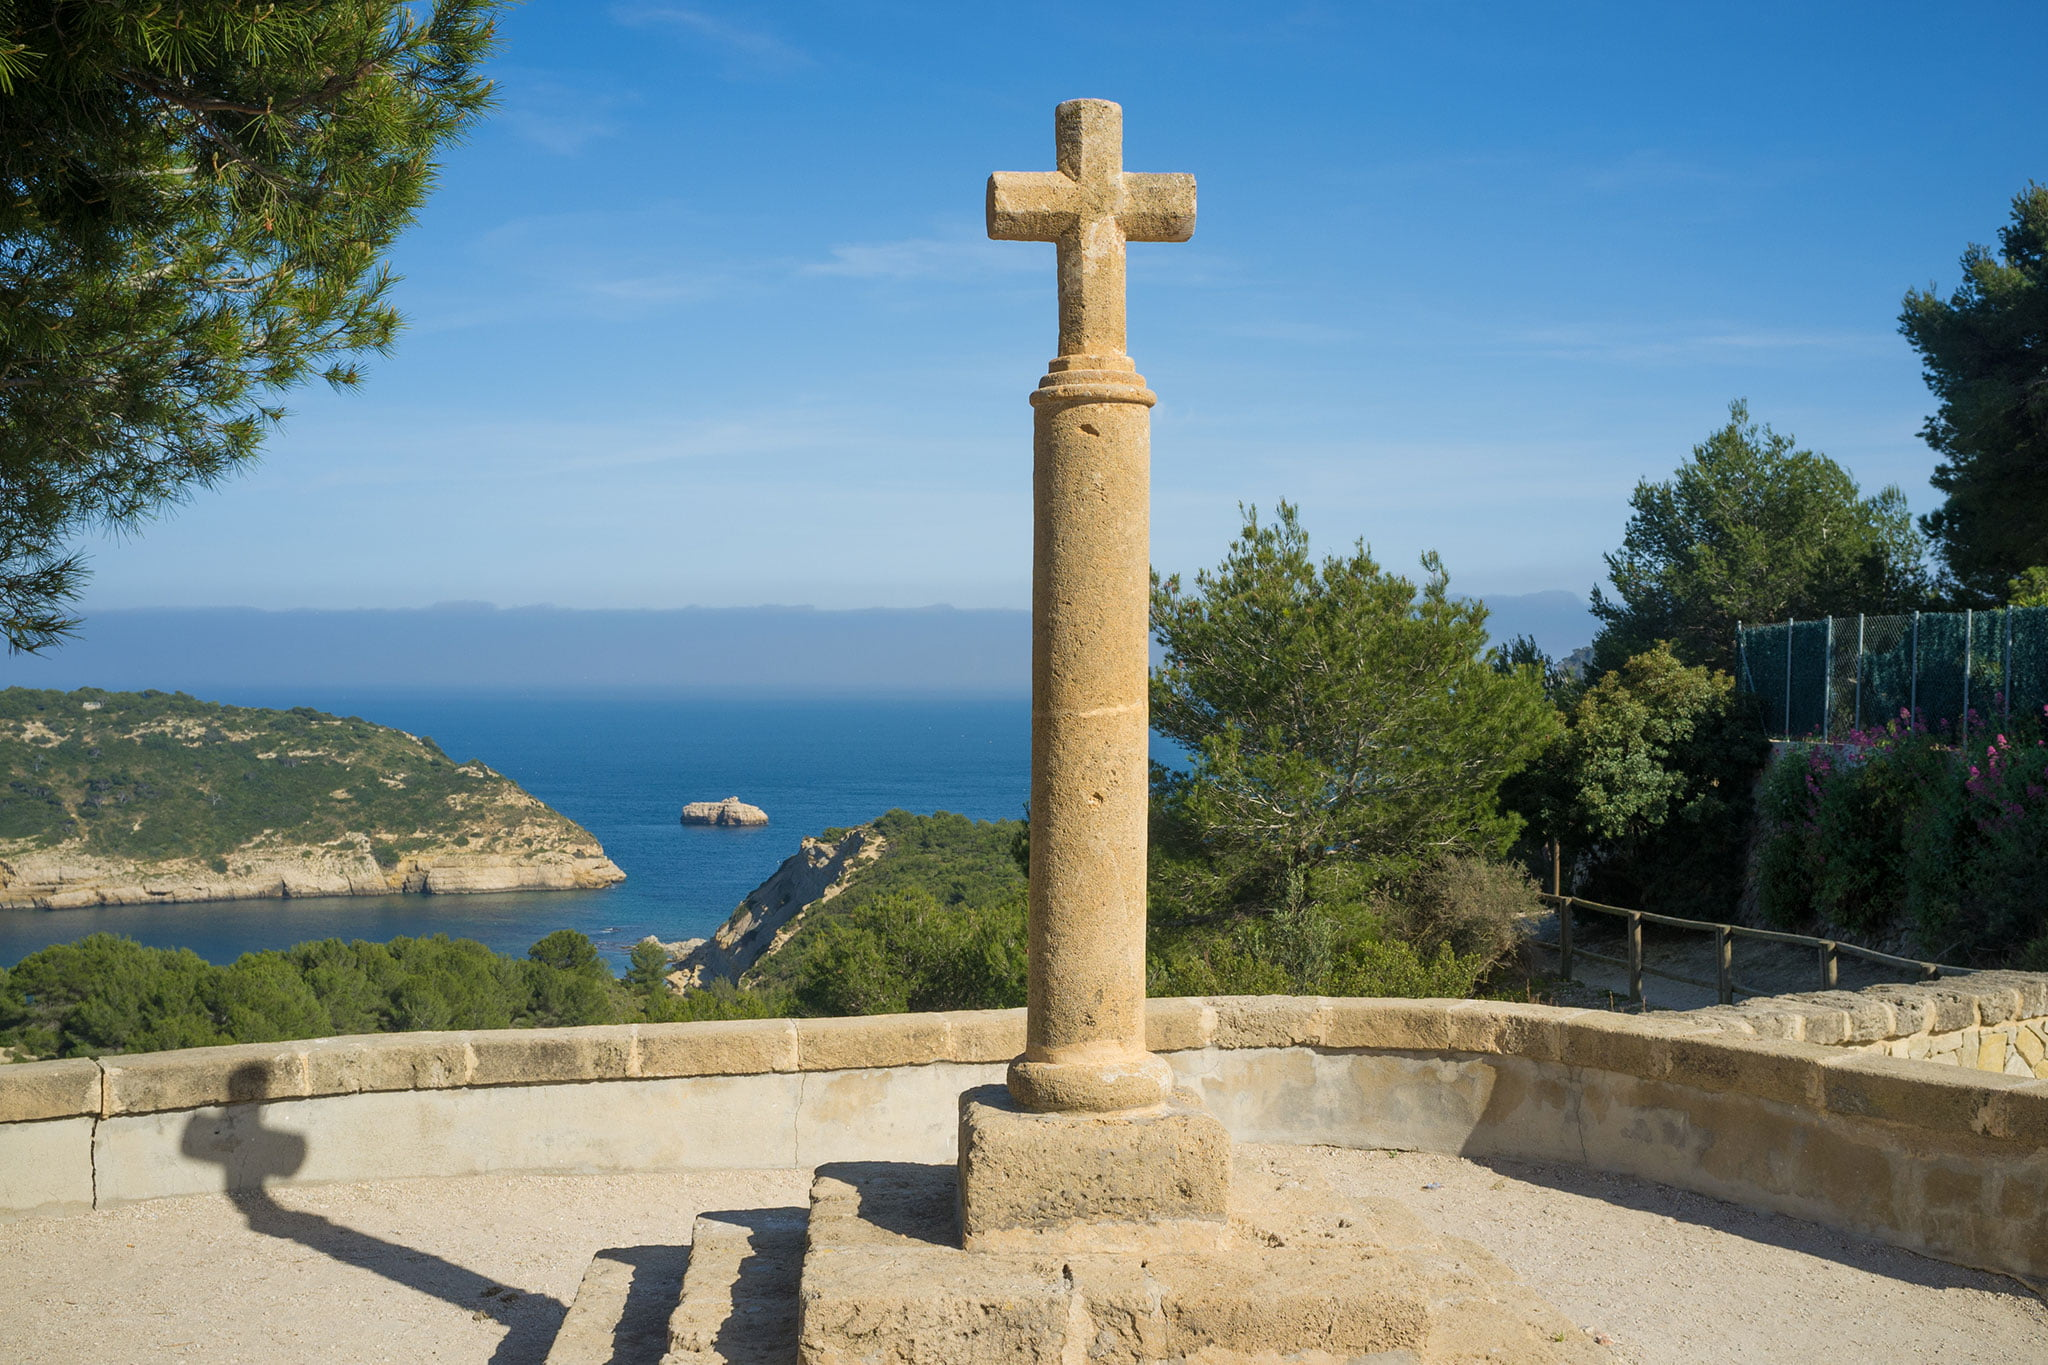 Imagen de la Cruz del Portitxol, con la Isla del Portitxol al fondo